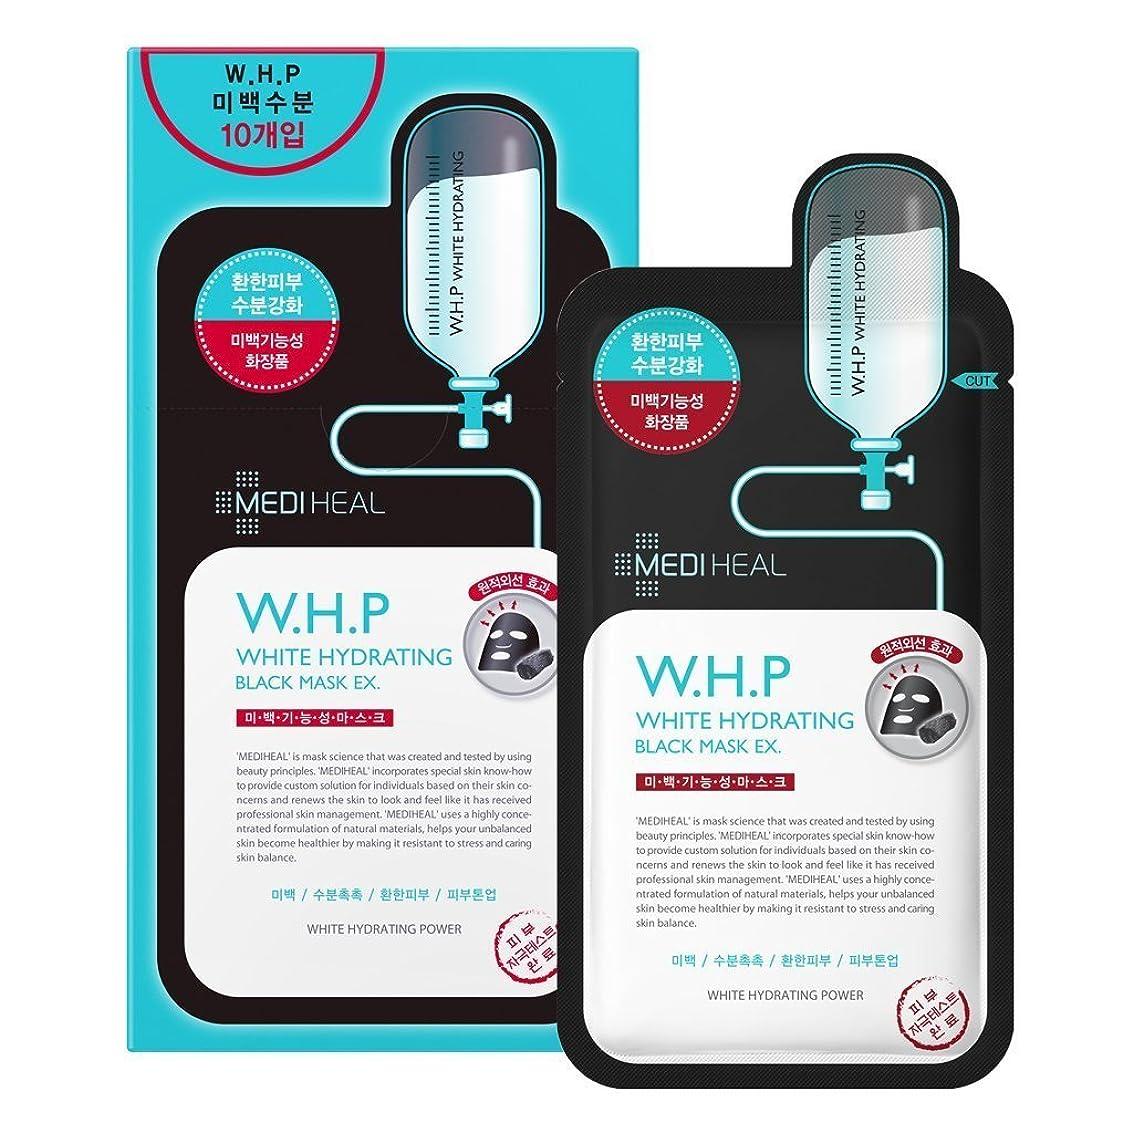 第五引き出す物語Mediheal WHP ホワイト ハイドレイティング ブラック マスク EX 25mL x10枚 [並行輸入品]